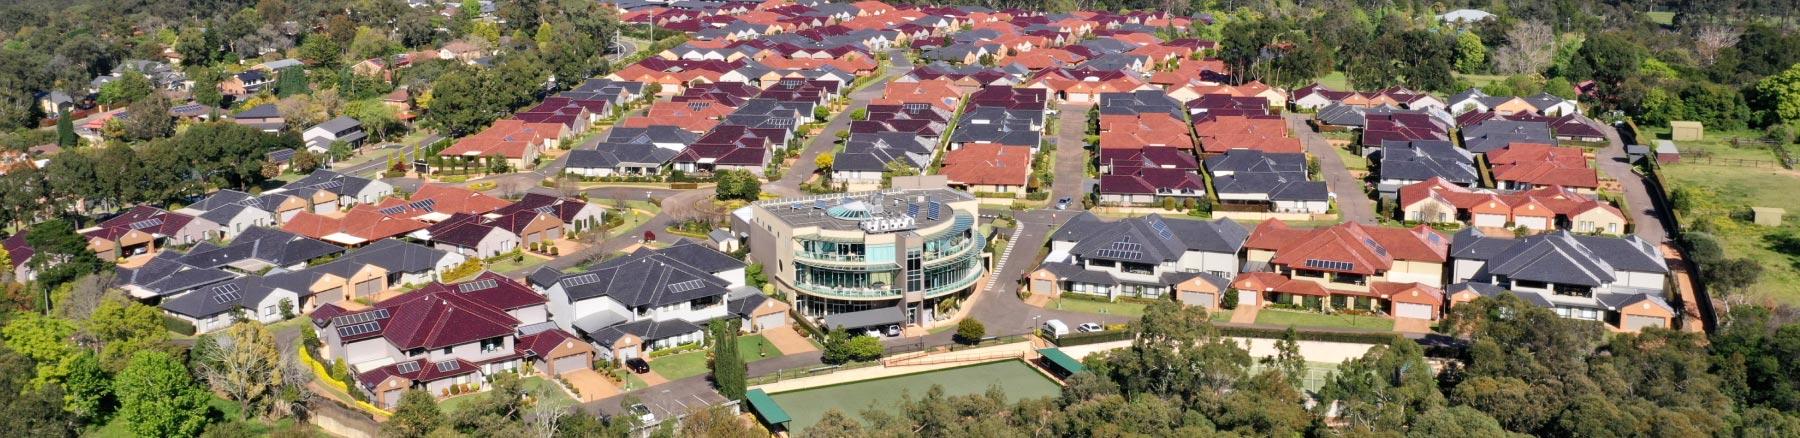 Glenhaven Retirement Village